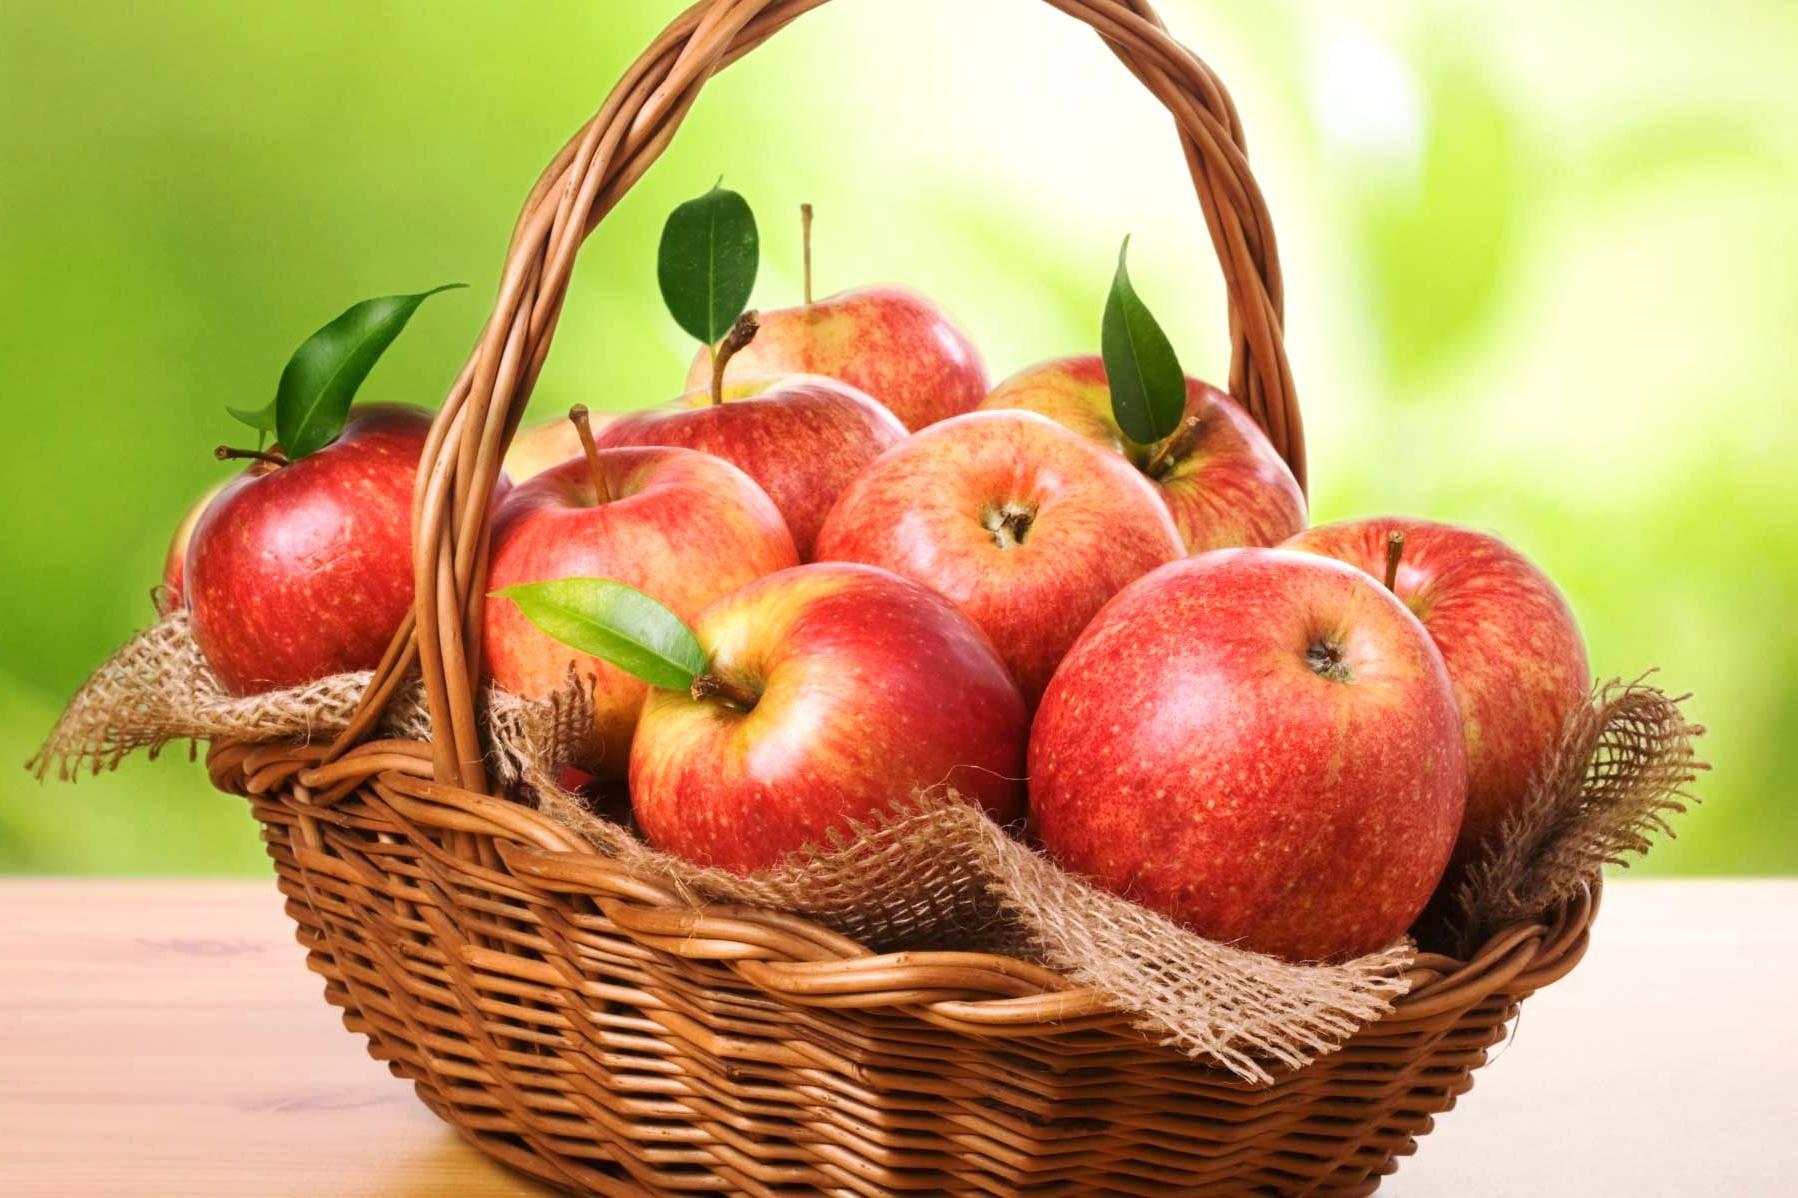 К чему снится яблоко? Есть яблоко во сне